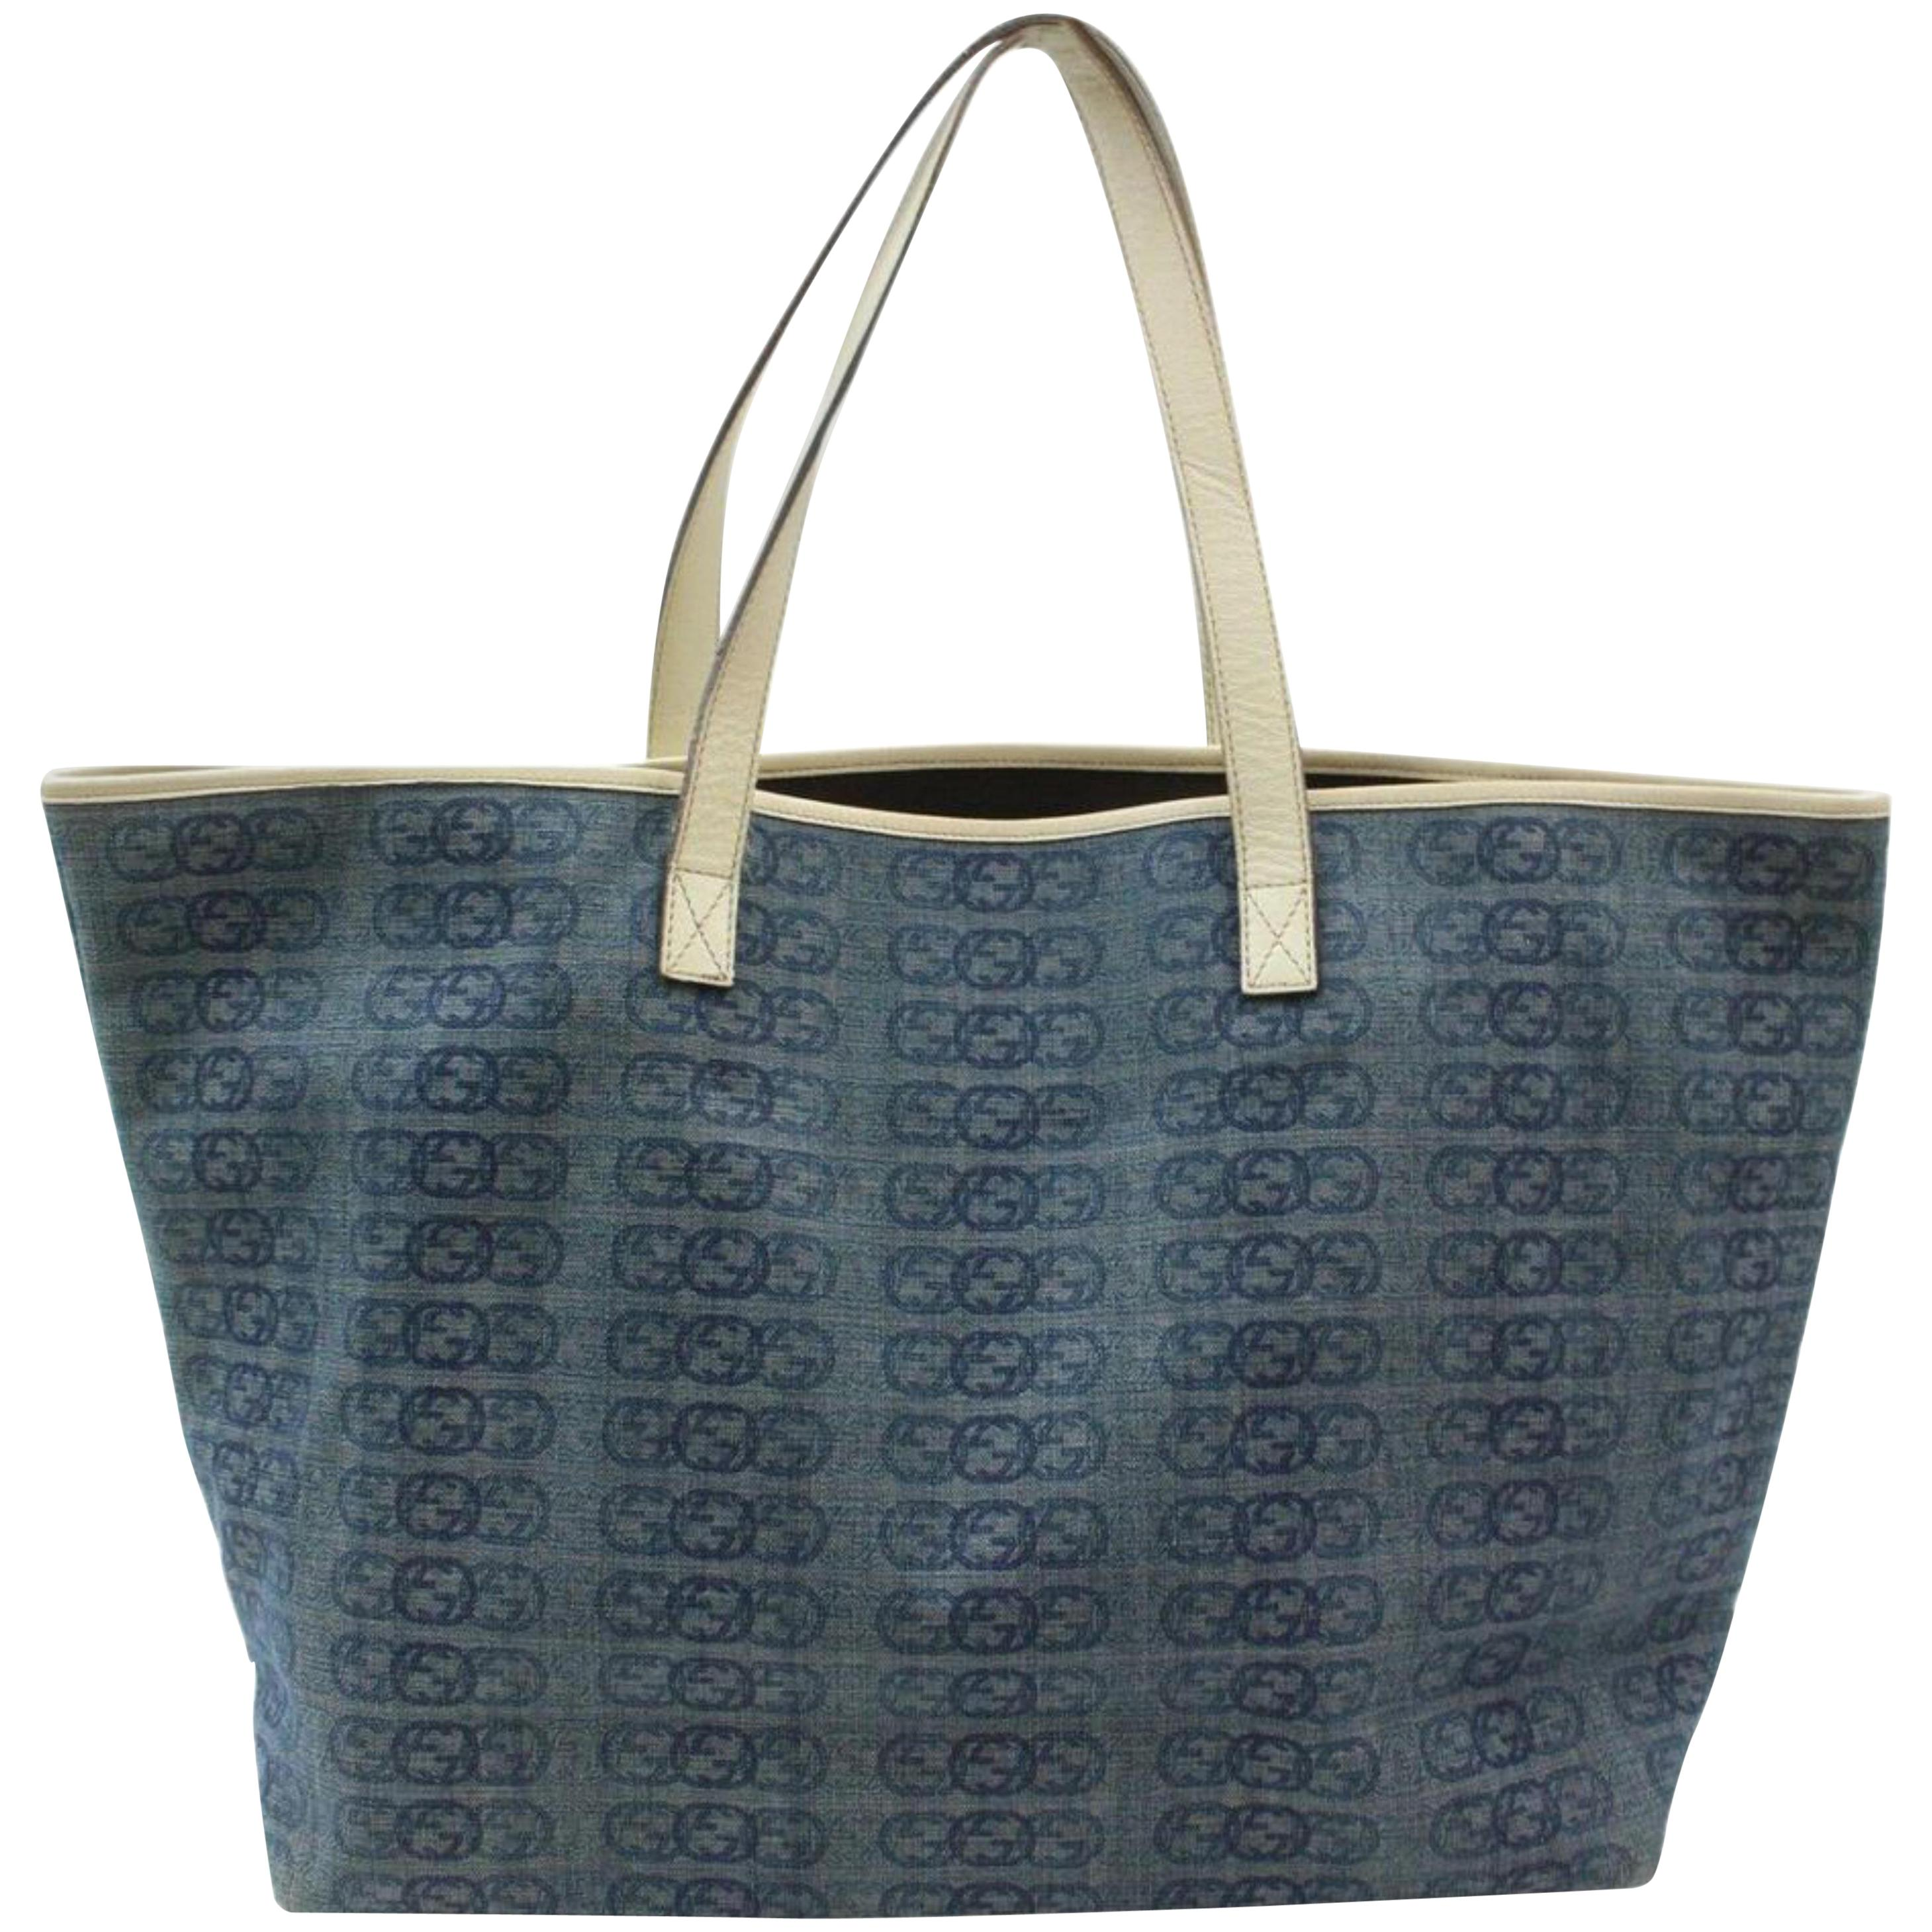 28cddab29bf Vintage Gucci Handbags and Purses - 2